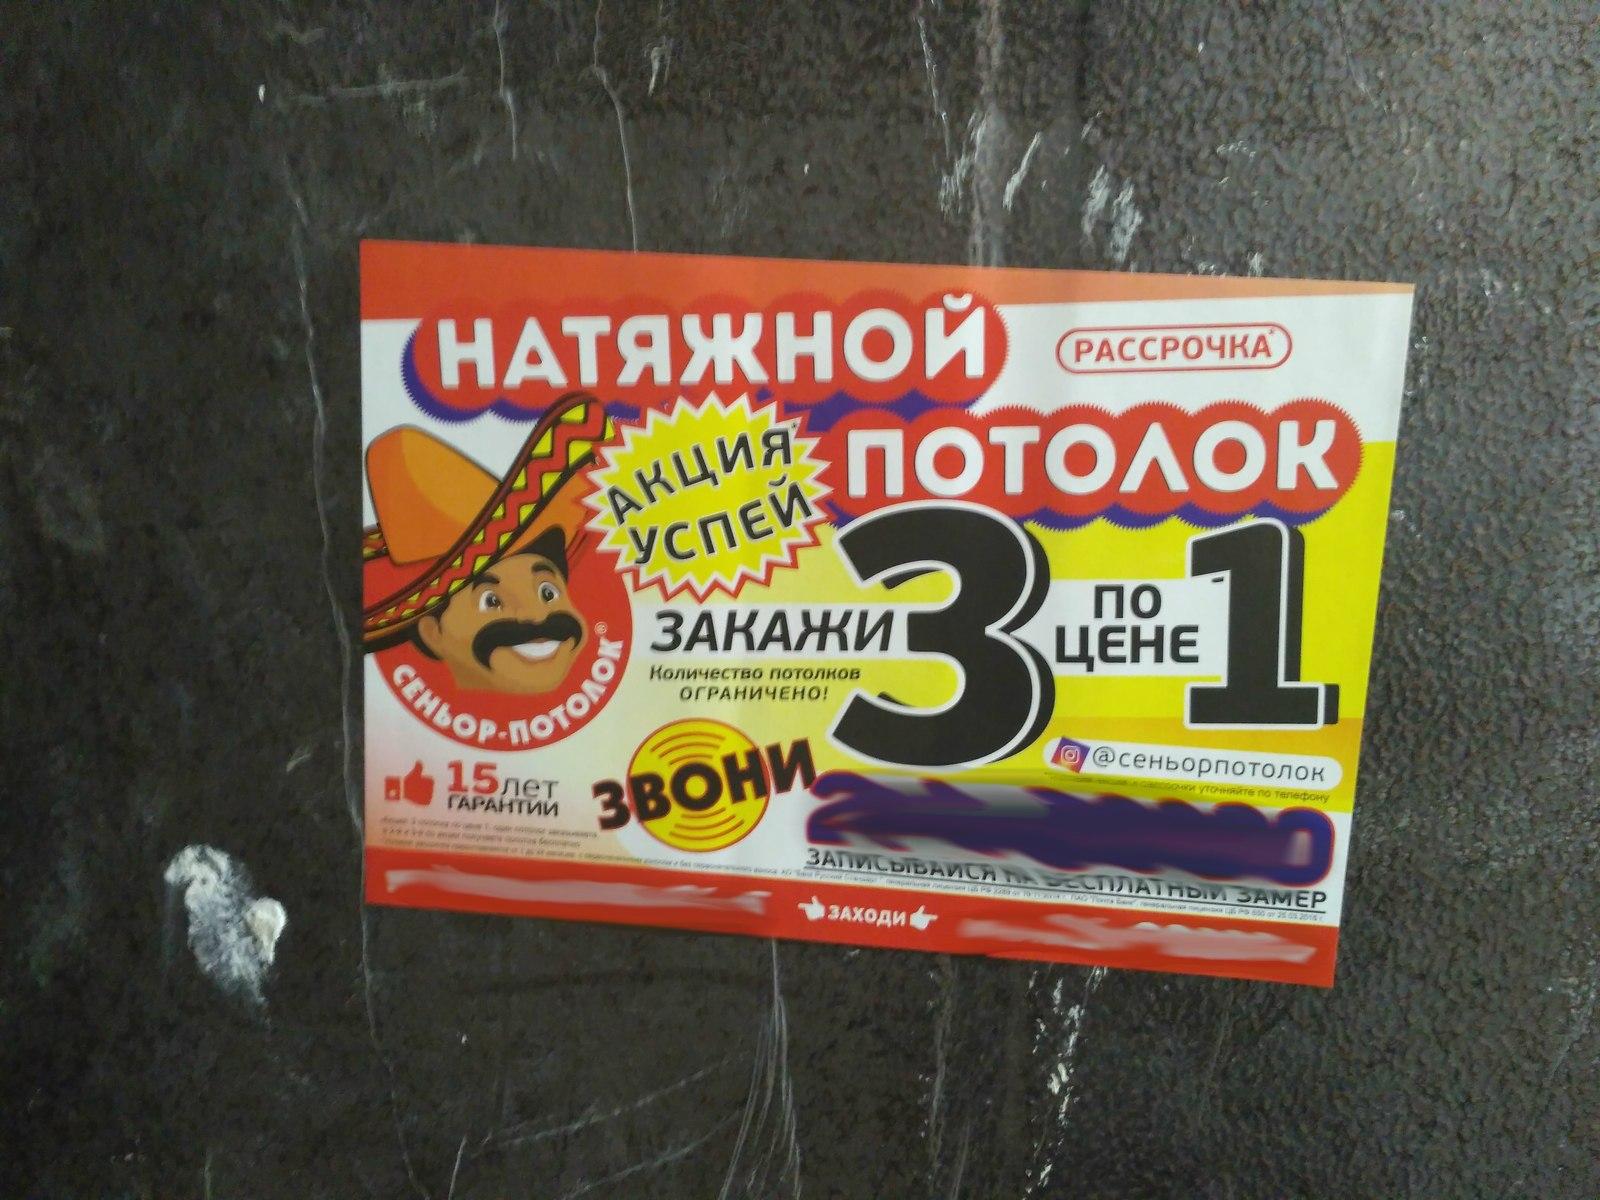 Реклама потолков от свиней